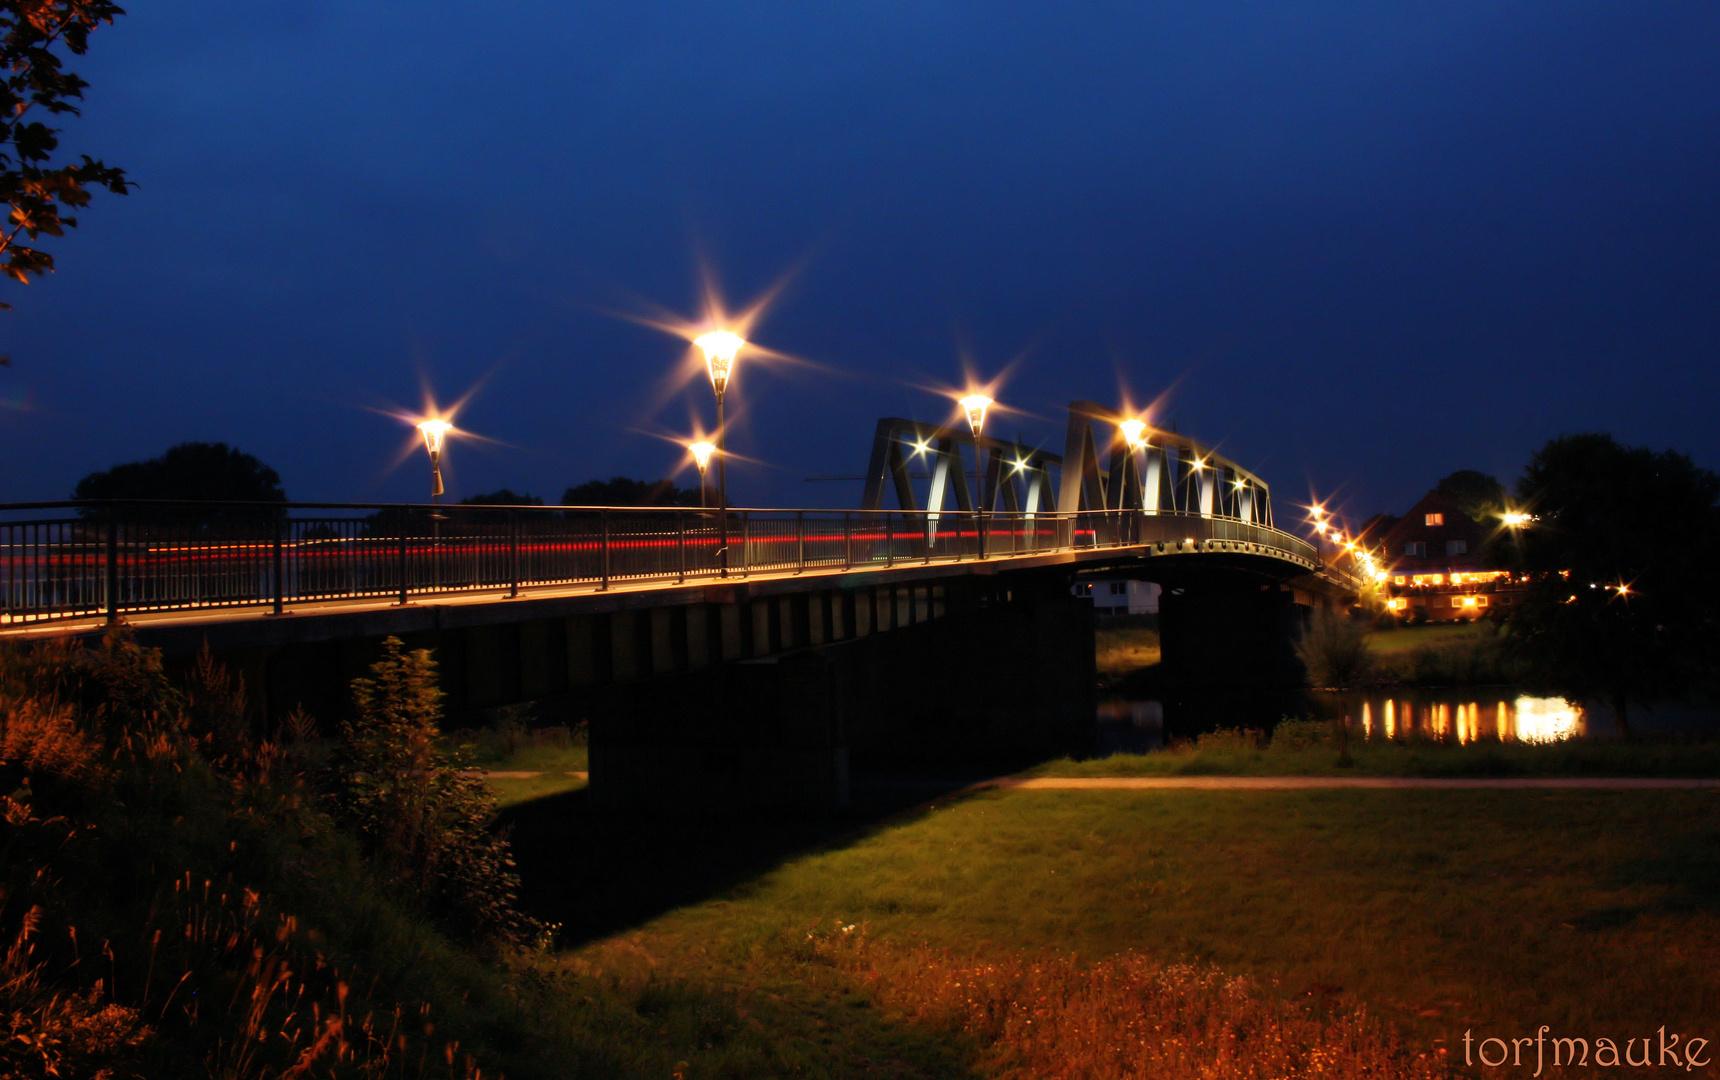 Emsbrücke bei Nacht - bridge over River Ems at night